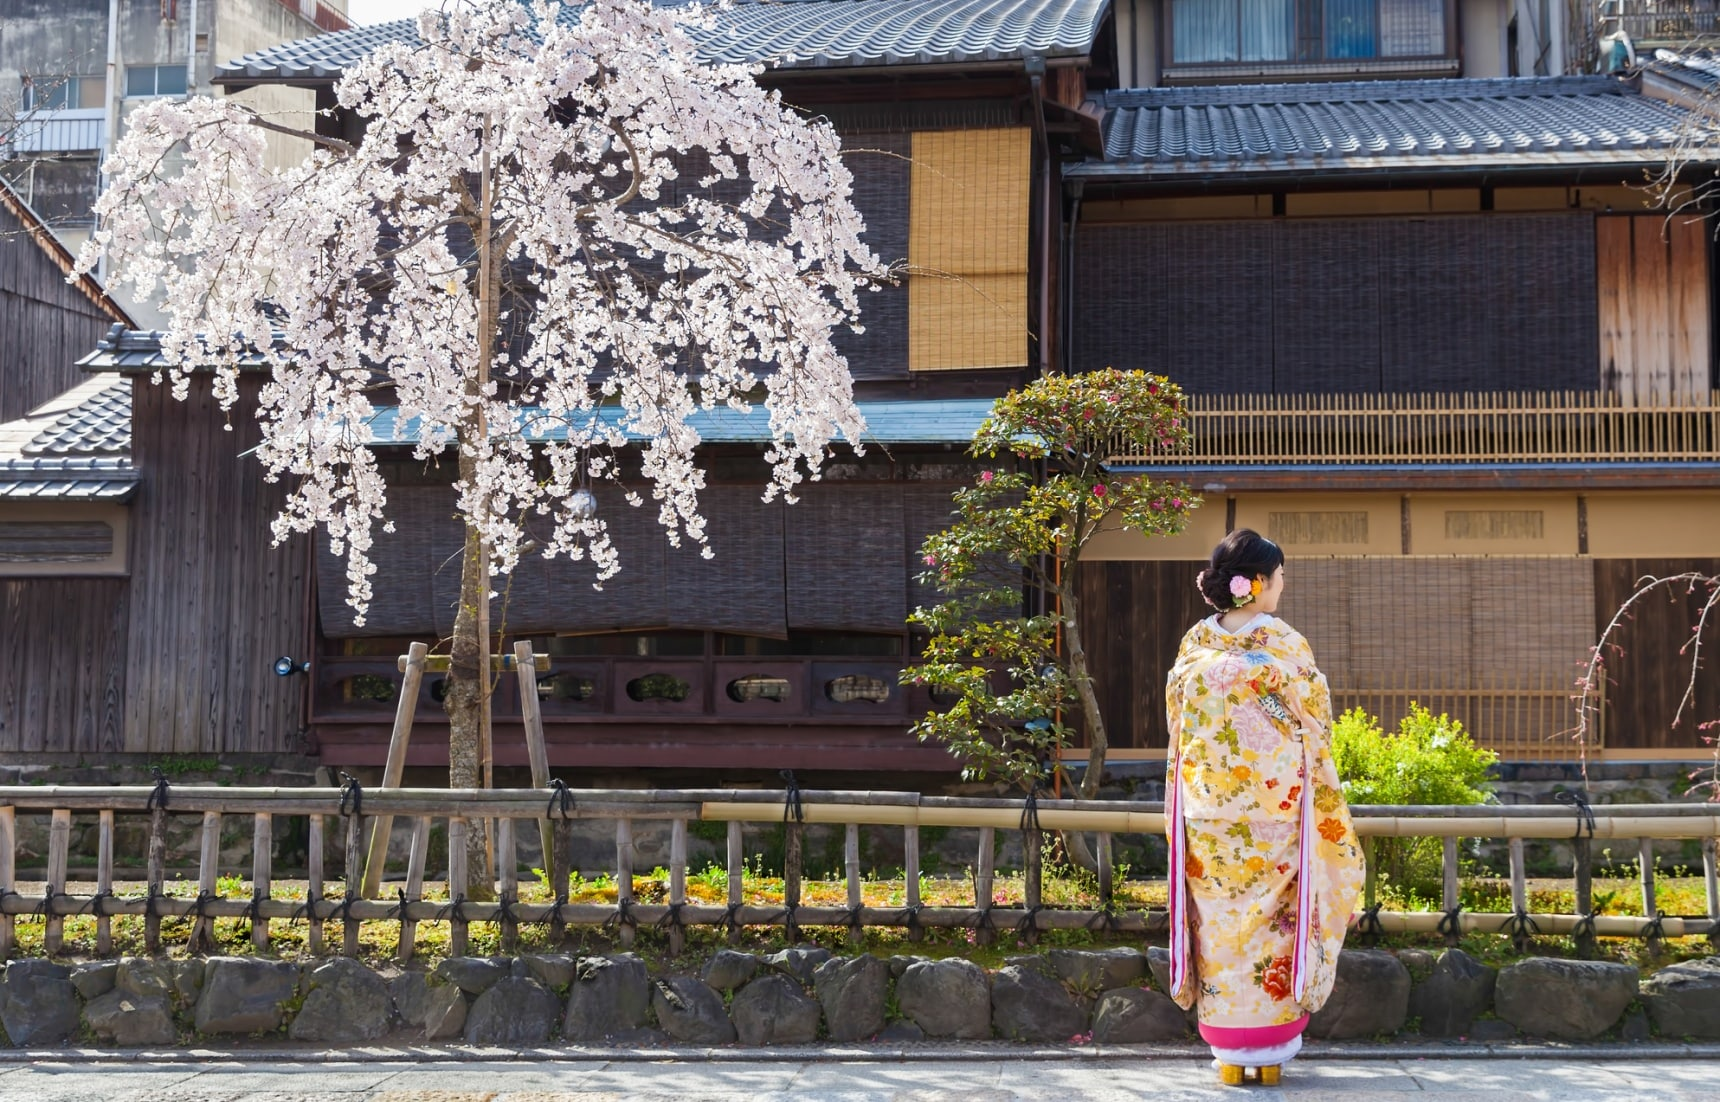 日本自由行:偷得浮生半日闲,就来这里远离喧嚣、沉静心灵、享受精致美食吧!